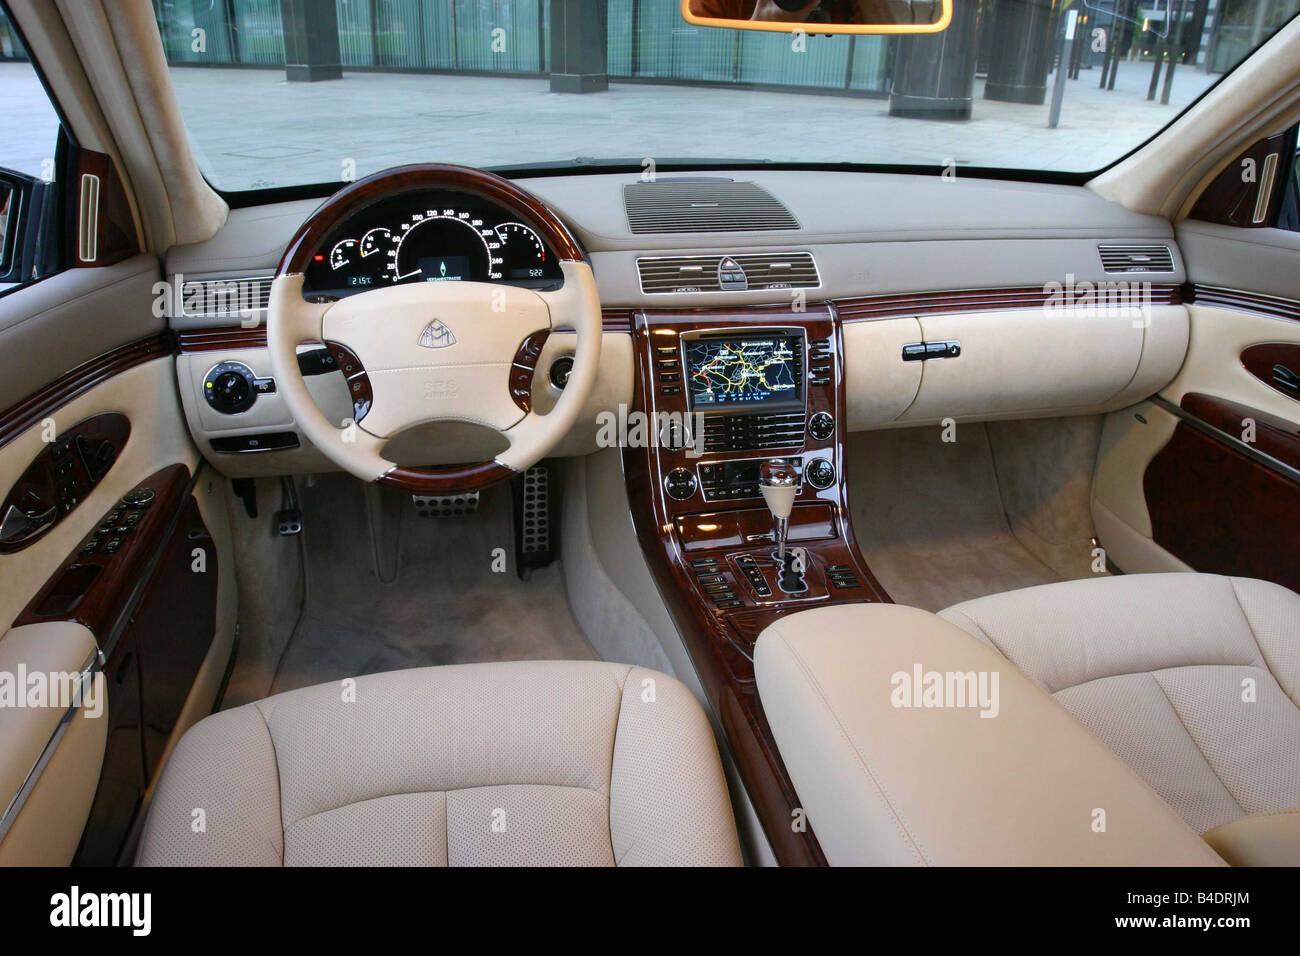 Auto cockpit mercedes  Auto Cockpit Mercedes | kochkor.info